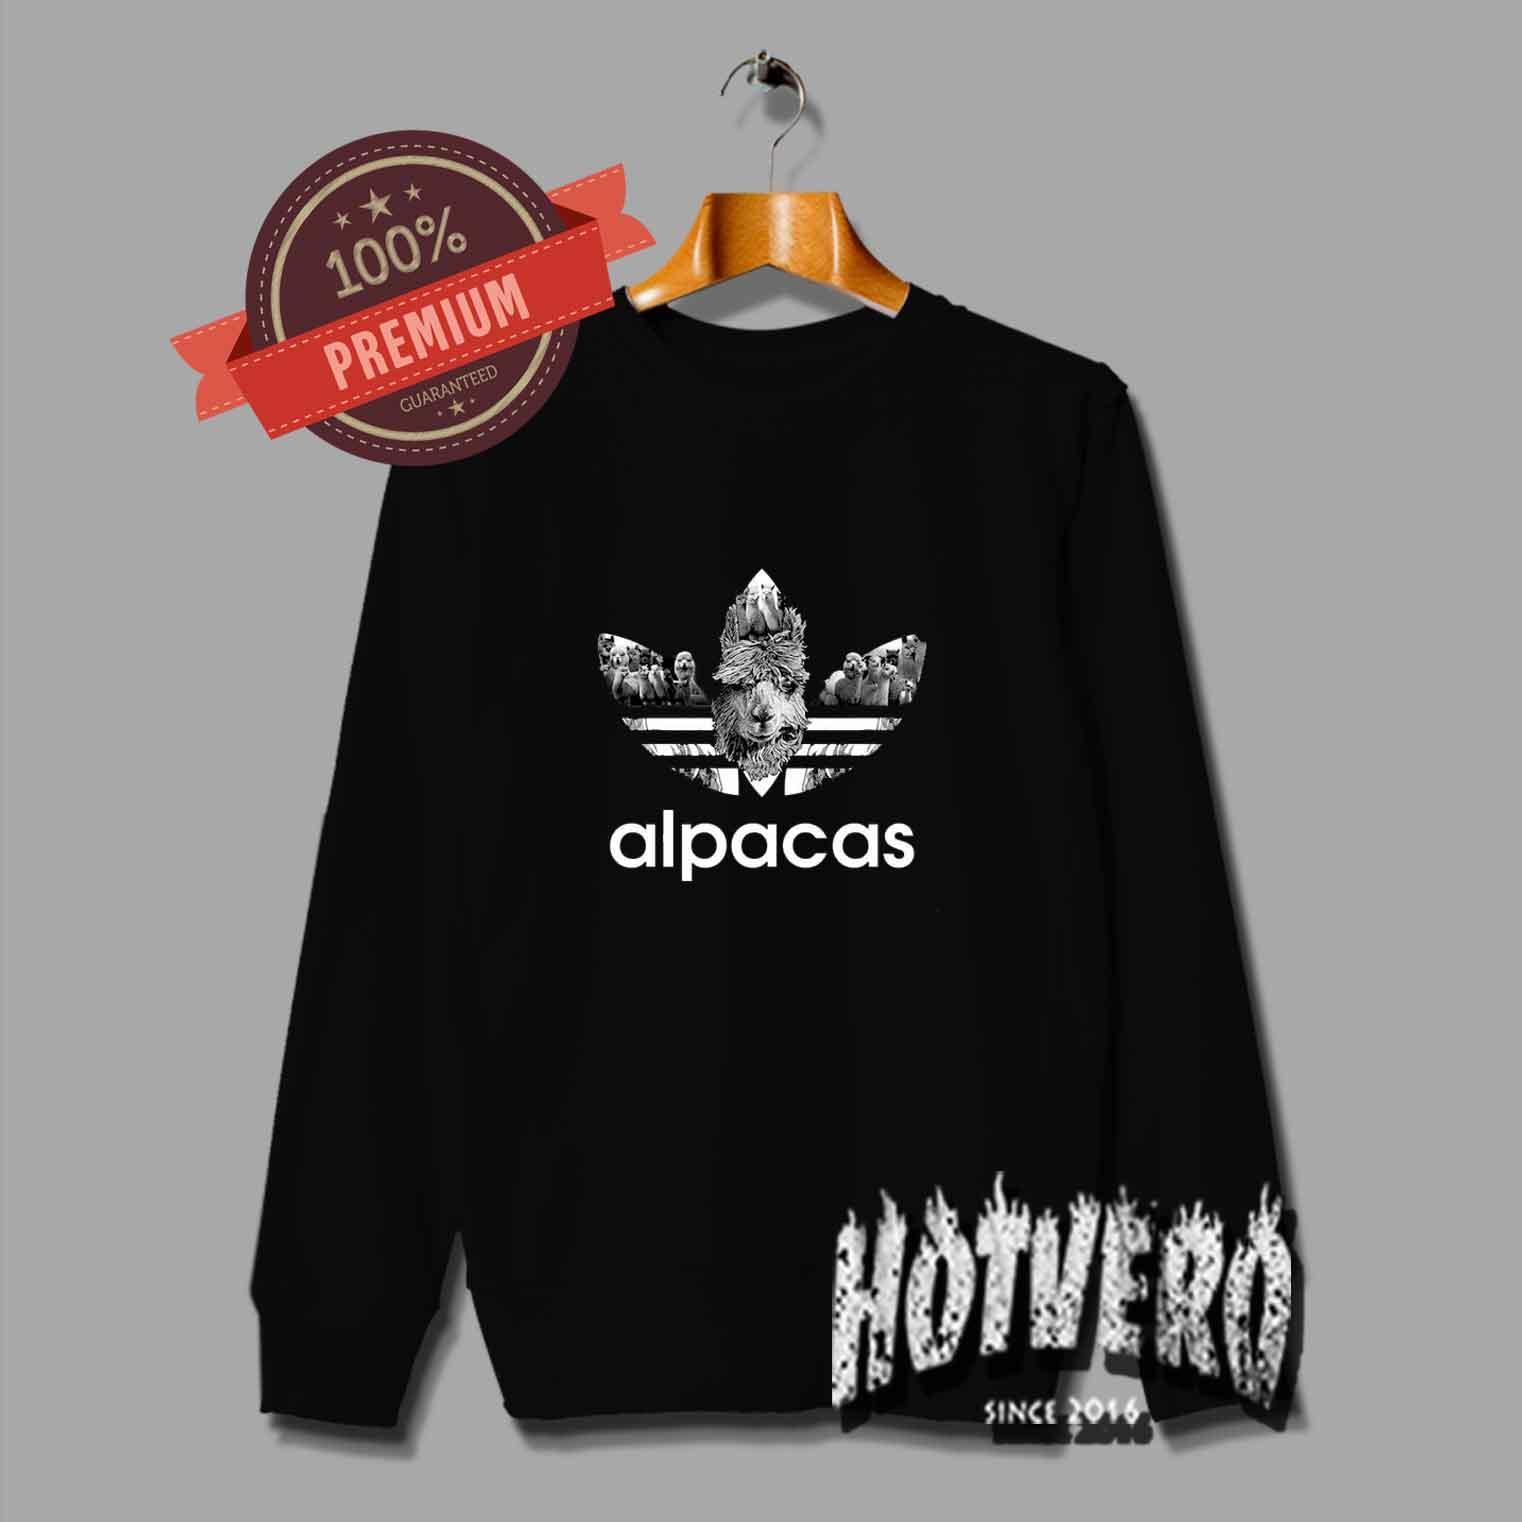 27bb39e42a Funny Alpacas Adidas Parody Sweatshirt by Hotvero.com